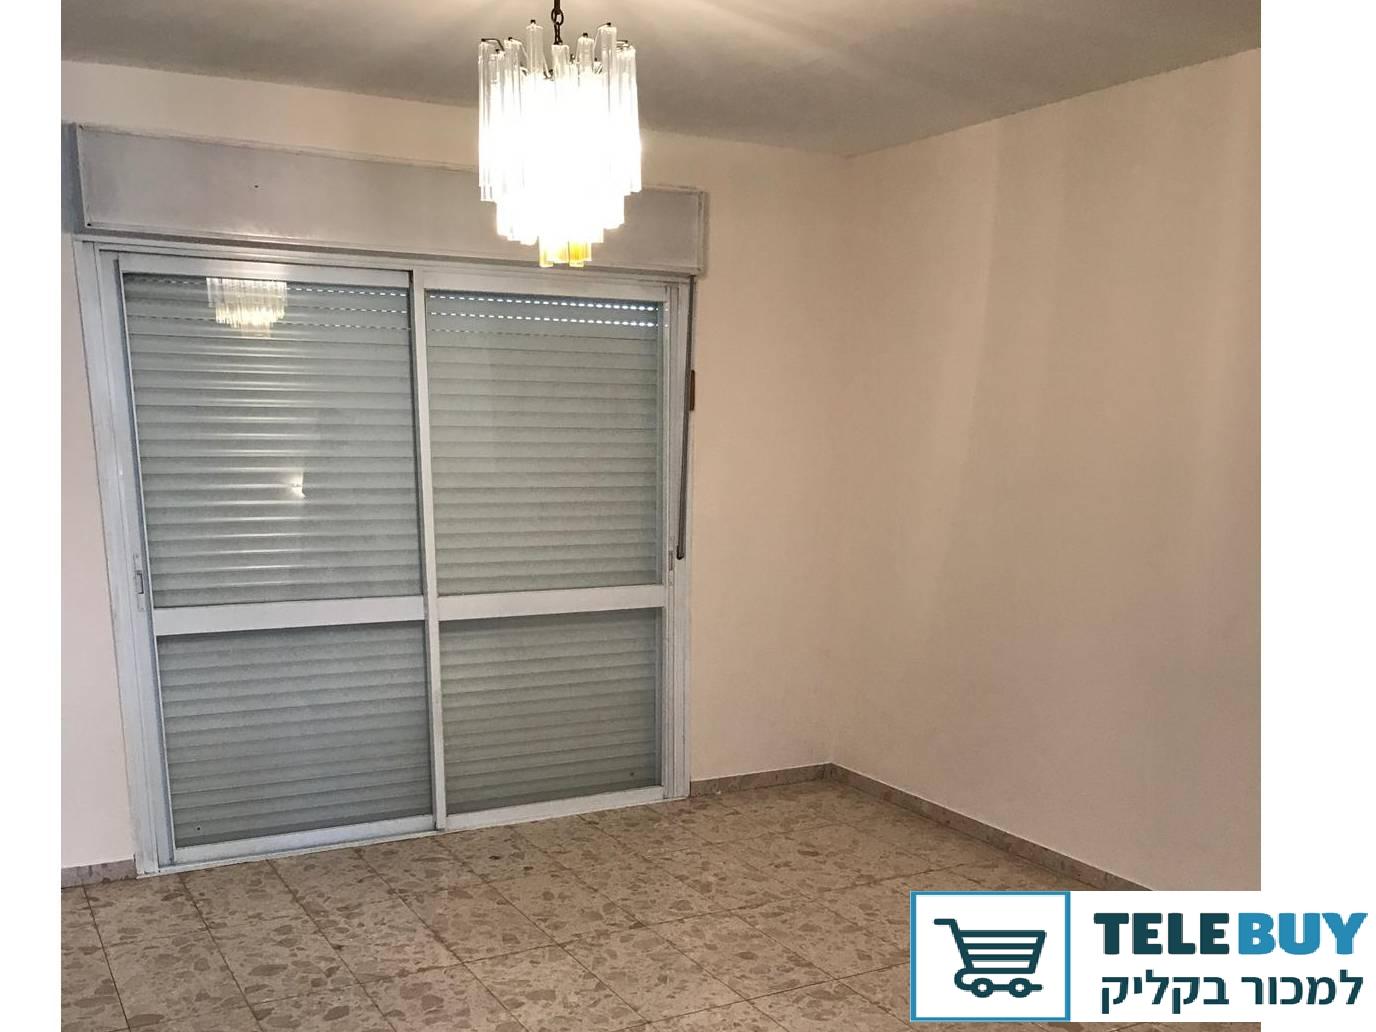 דירות למכירה מיני פנטהאוז ברחובות – נס ציונה